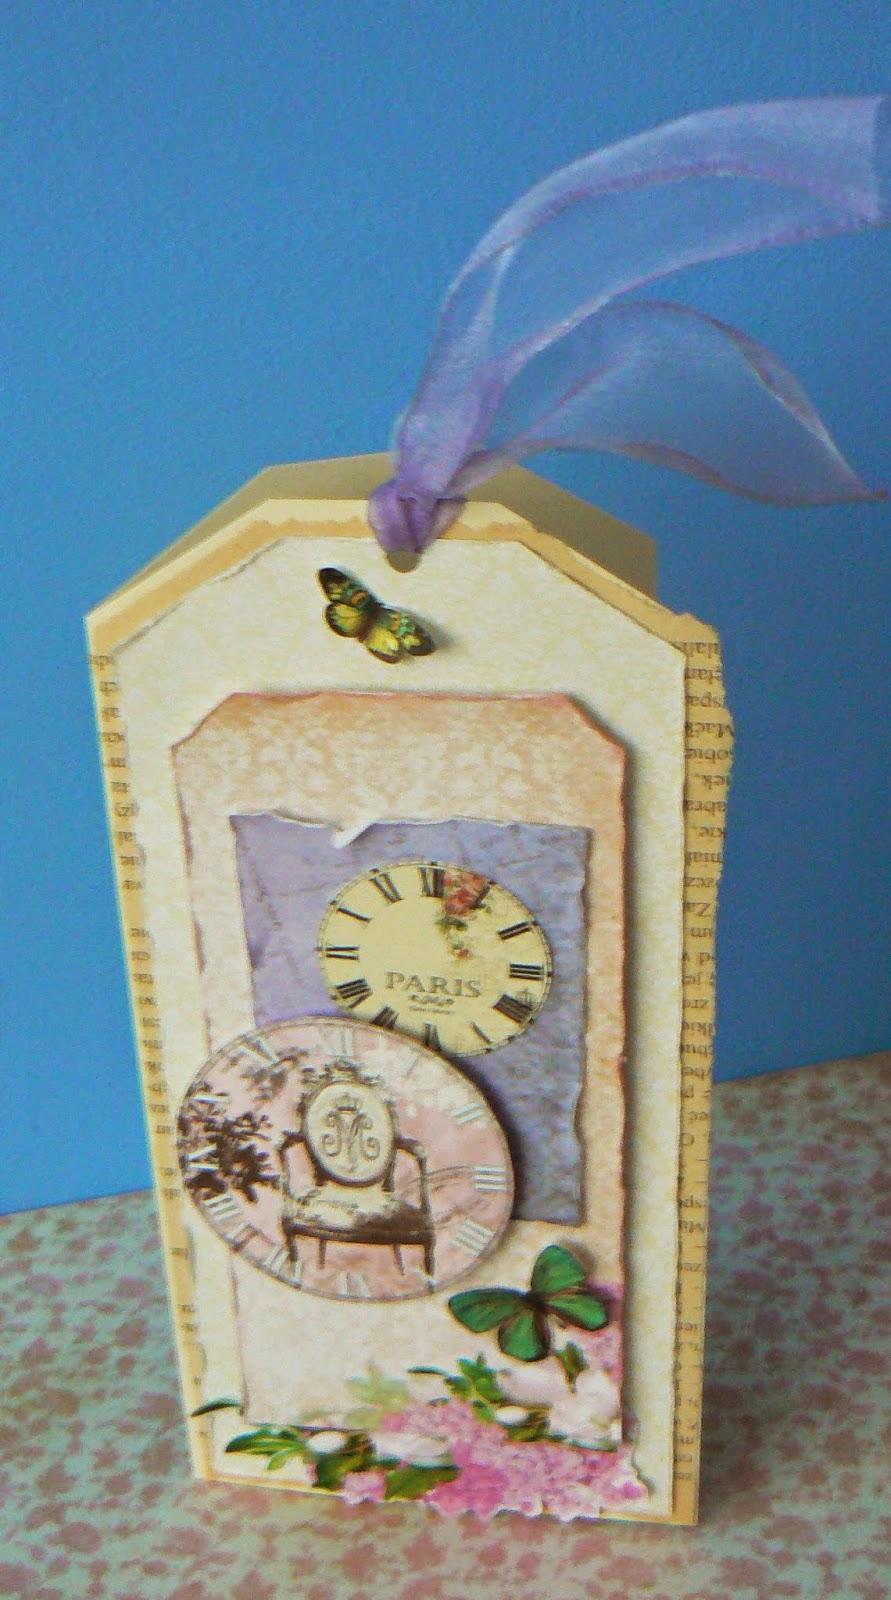 http://blog.crafts.hopmart.pl/2014/06/wyzwanie-kartka-tagowa-z-paleta-barw.html